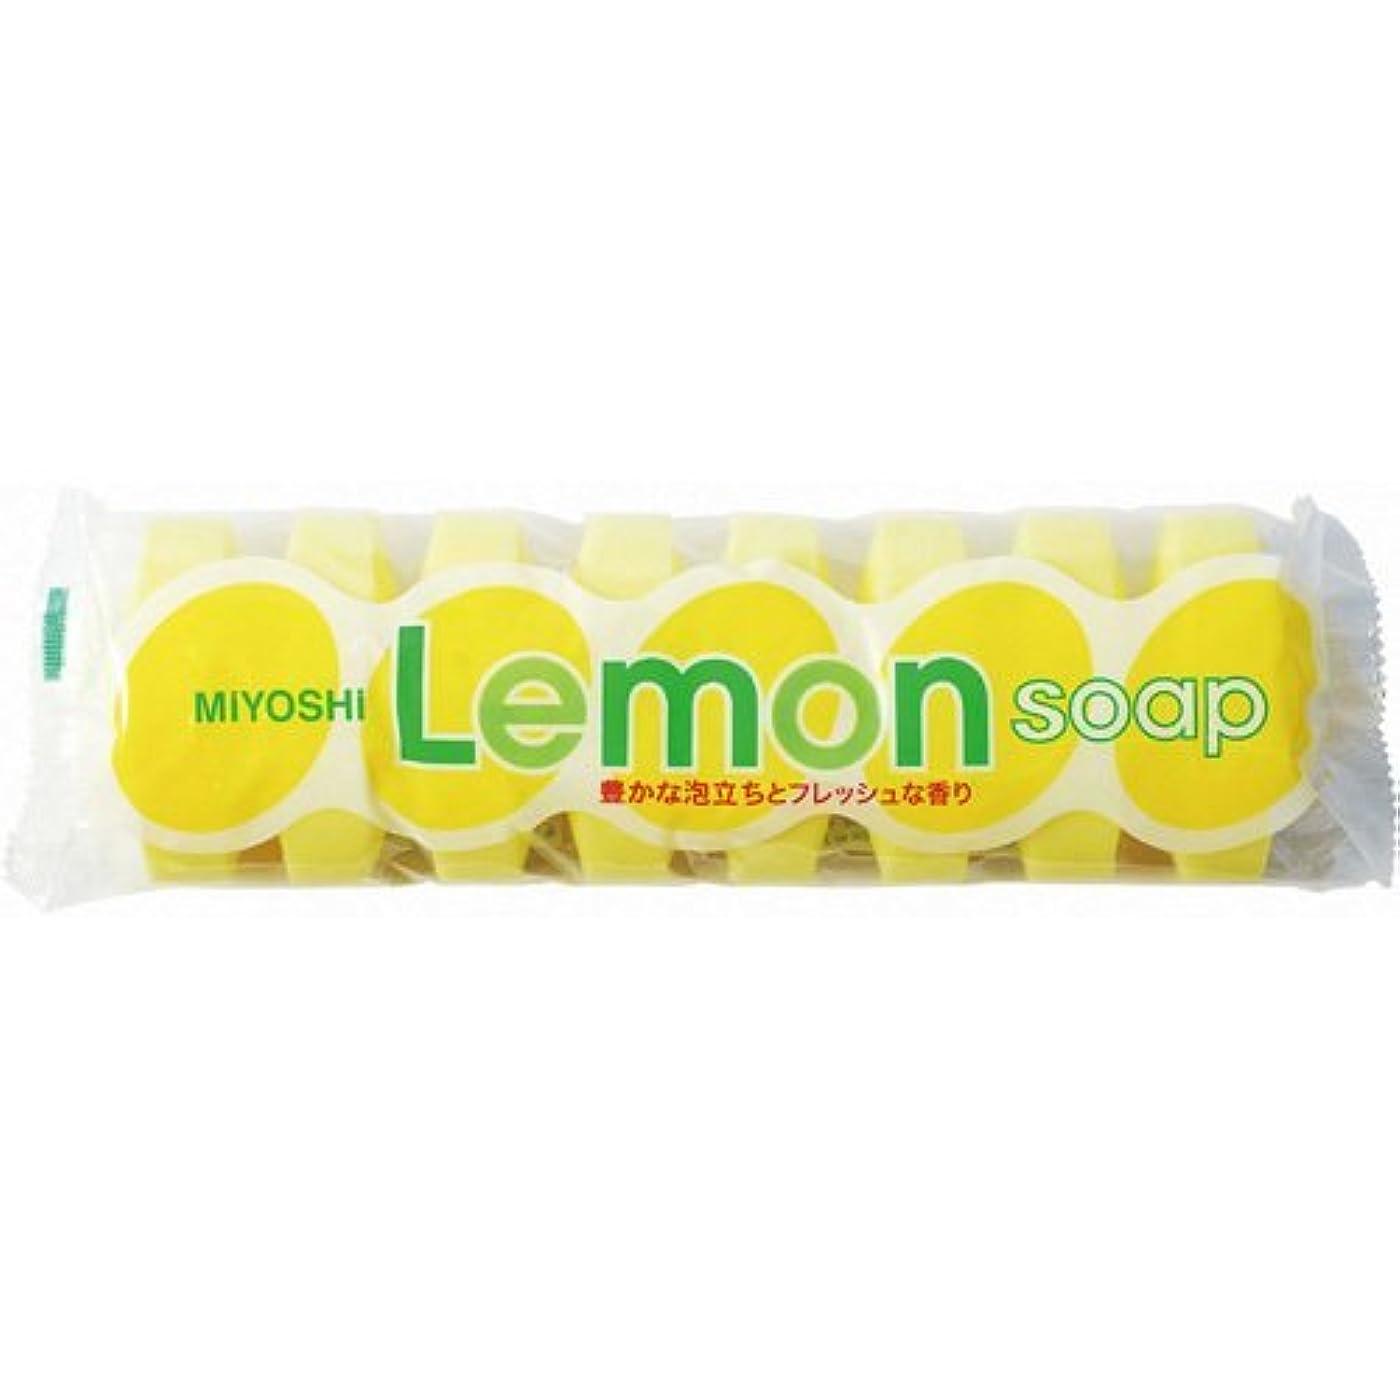 敵対的者プラスチックミヨシ レモンソープ 45g×8個入